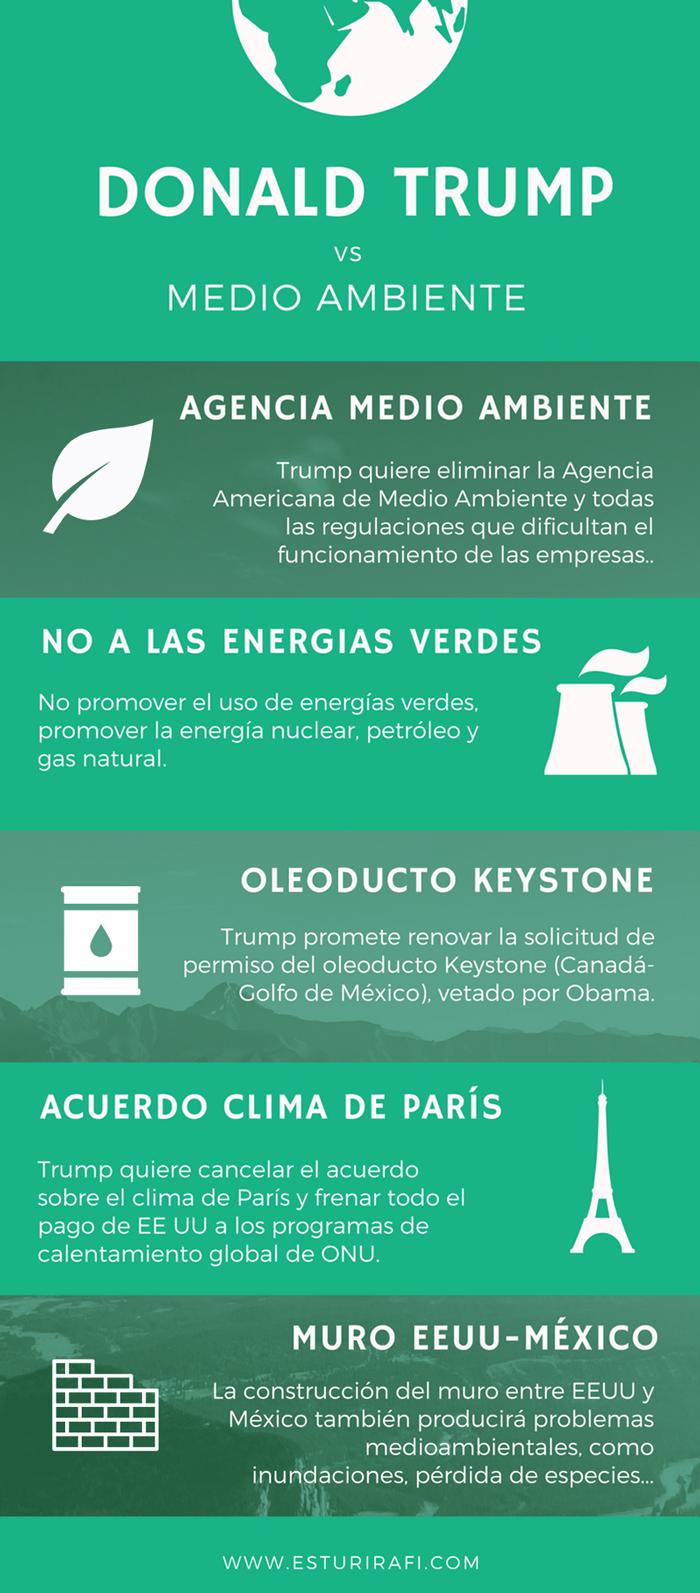 Donald Trump vs Medio ambiente